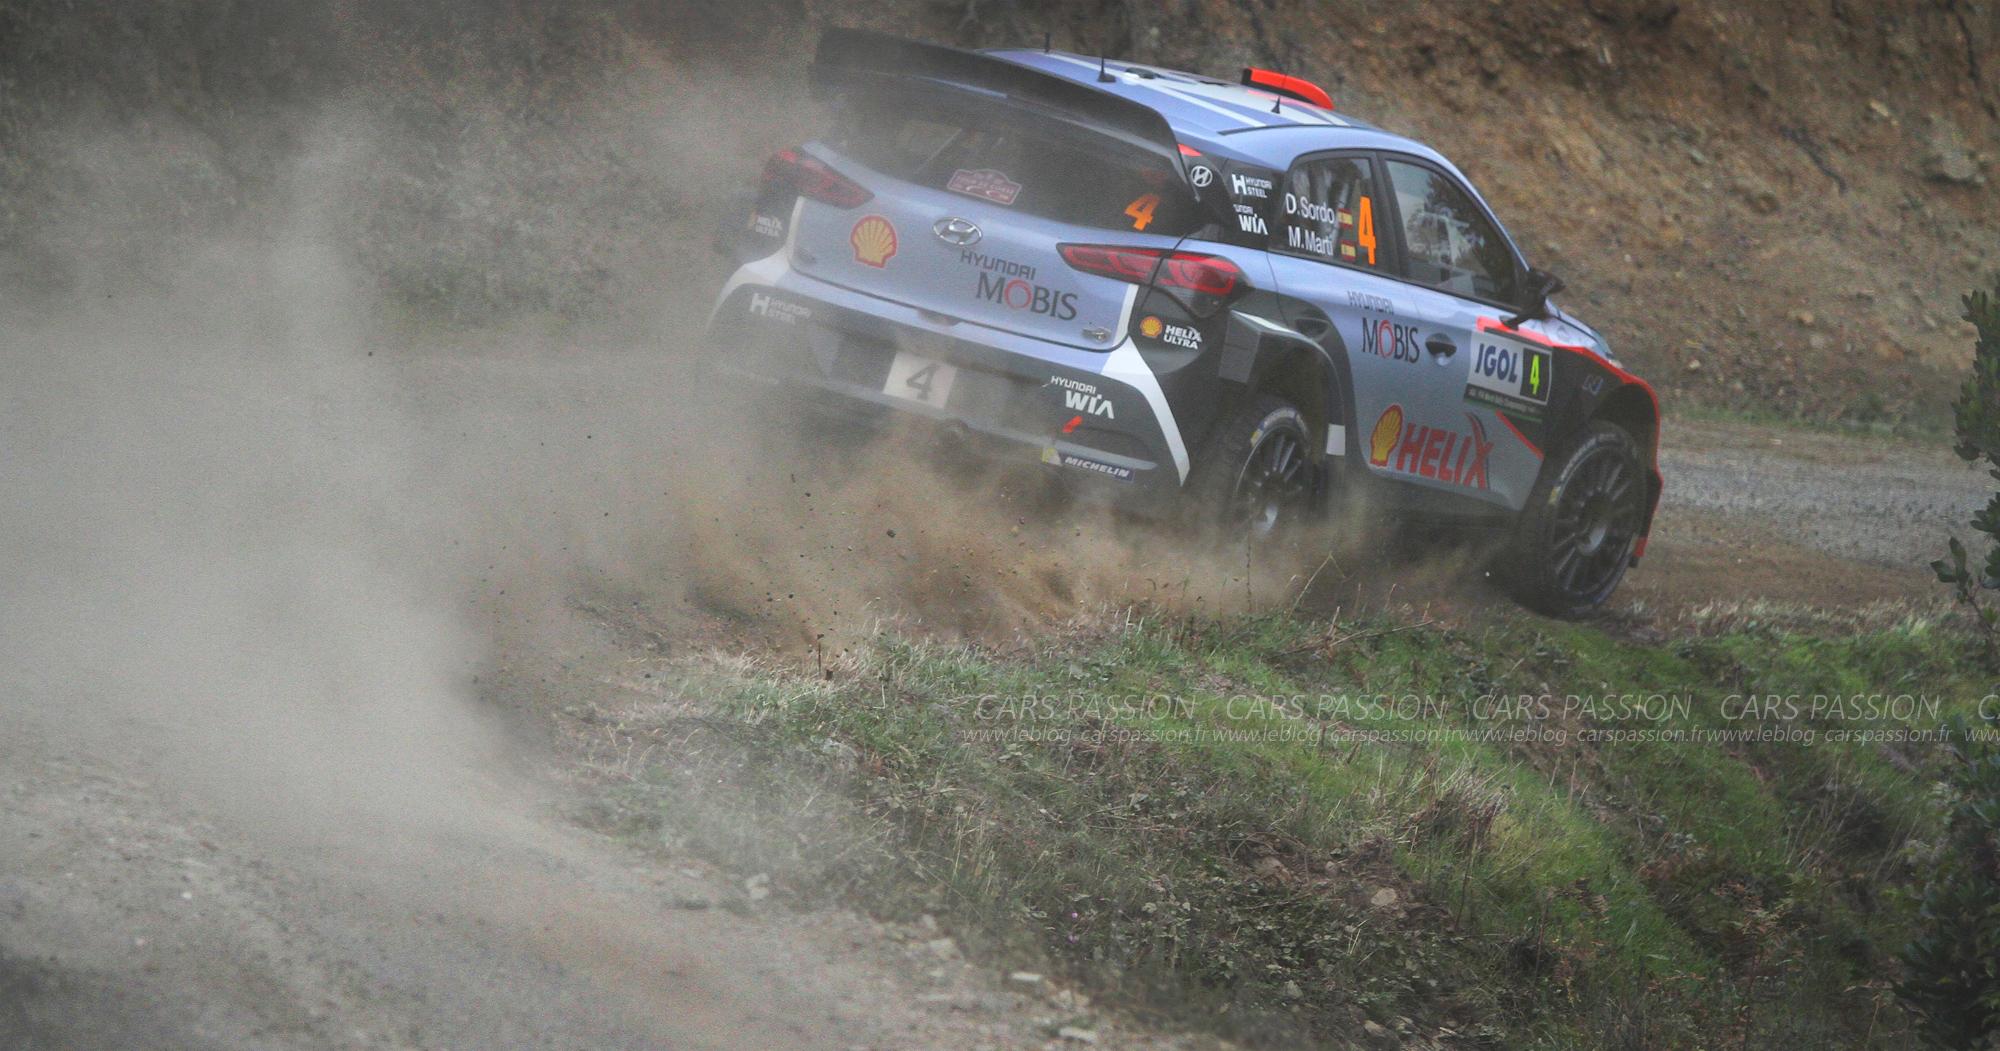 WRC-2016-Tour-de-corse-Ogier-VW-N1-9